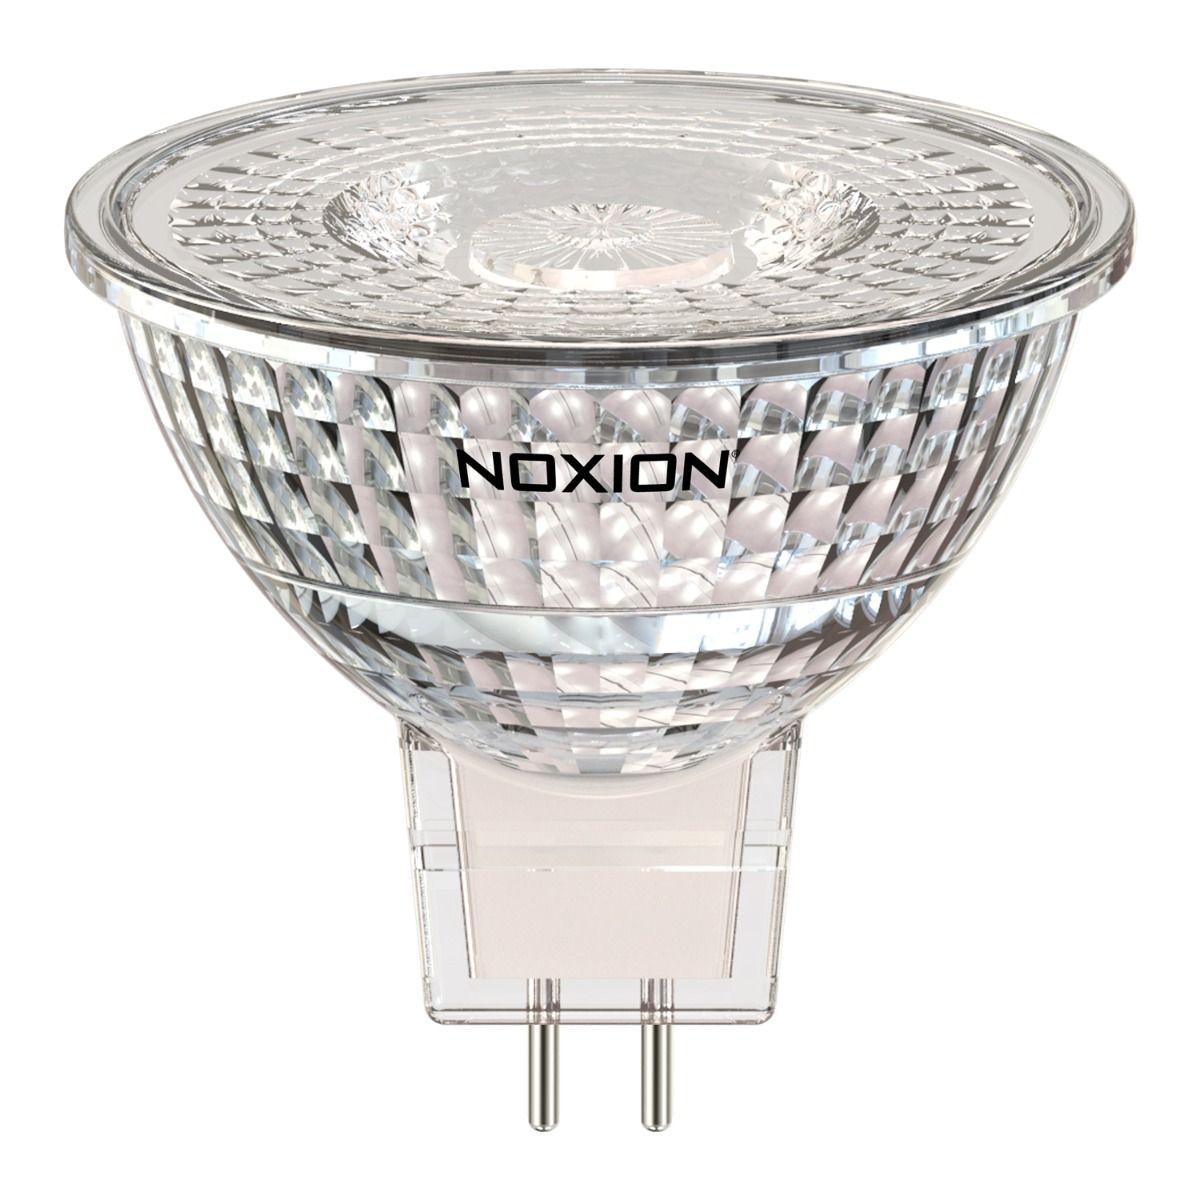 Noxion LED Kohdevalaisin GU5.3 5W 840 36D 490lm | Himmennettävä - Kylmä Valkoinen - Korvaa 35W